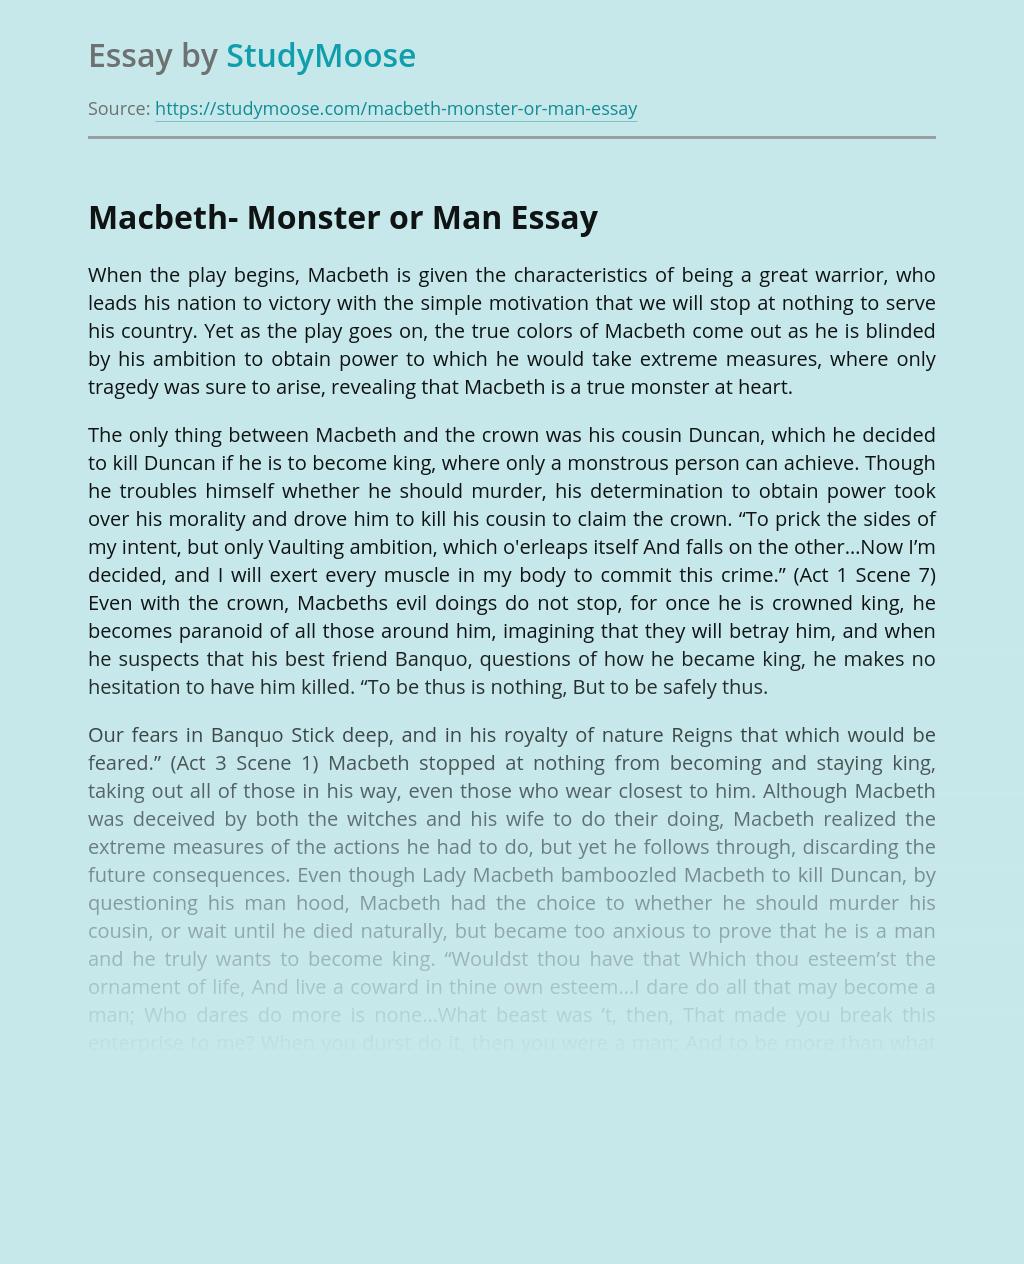 Macbeth- Monster or Man